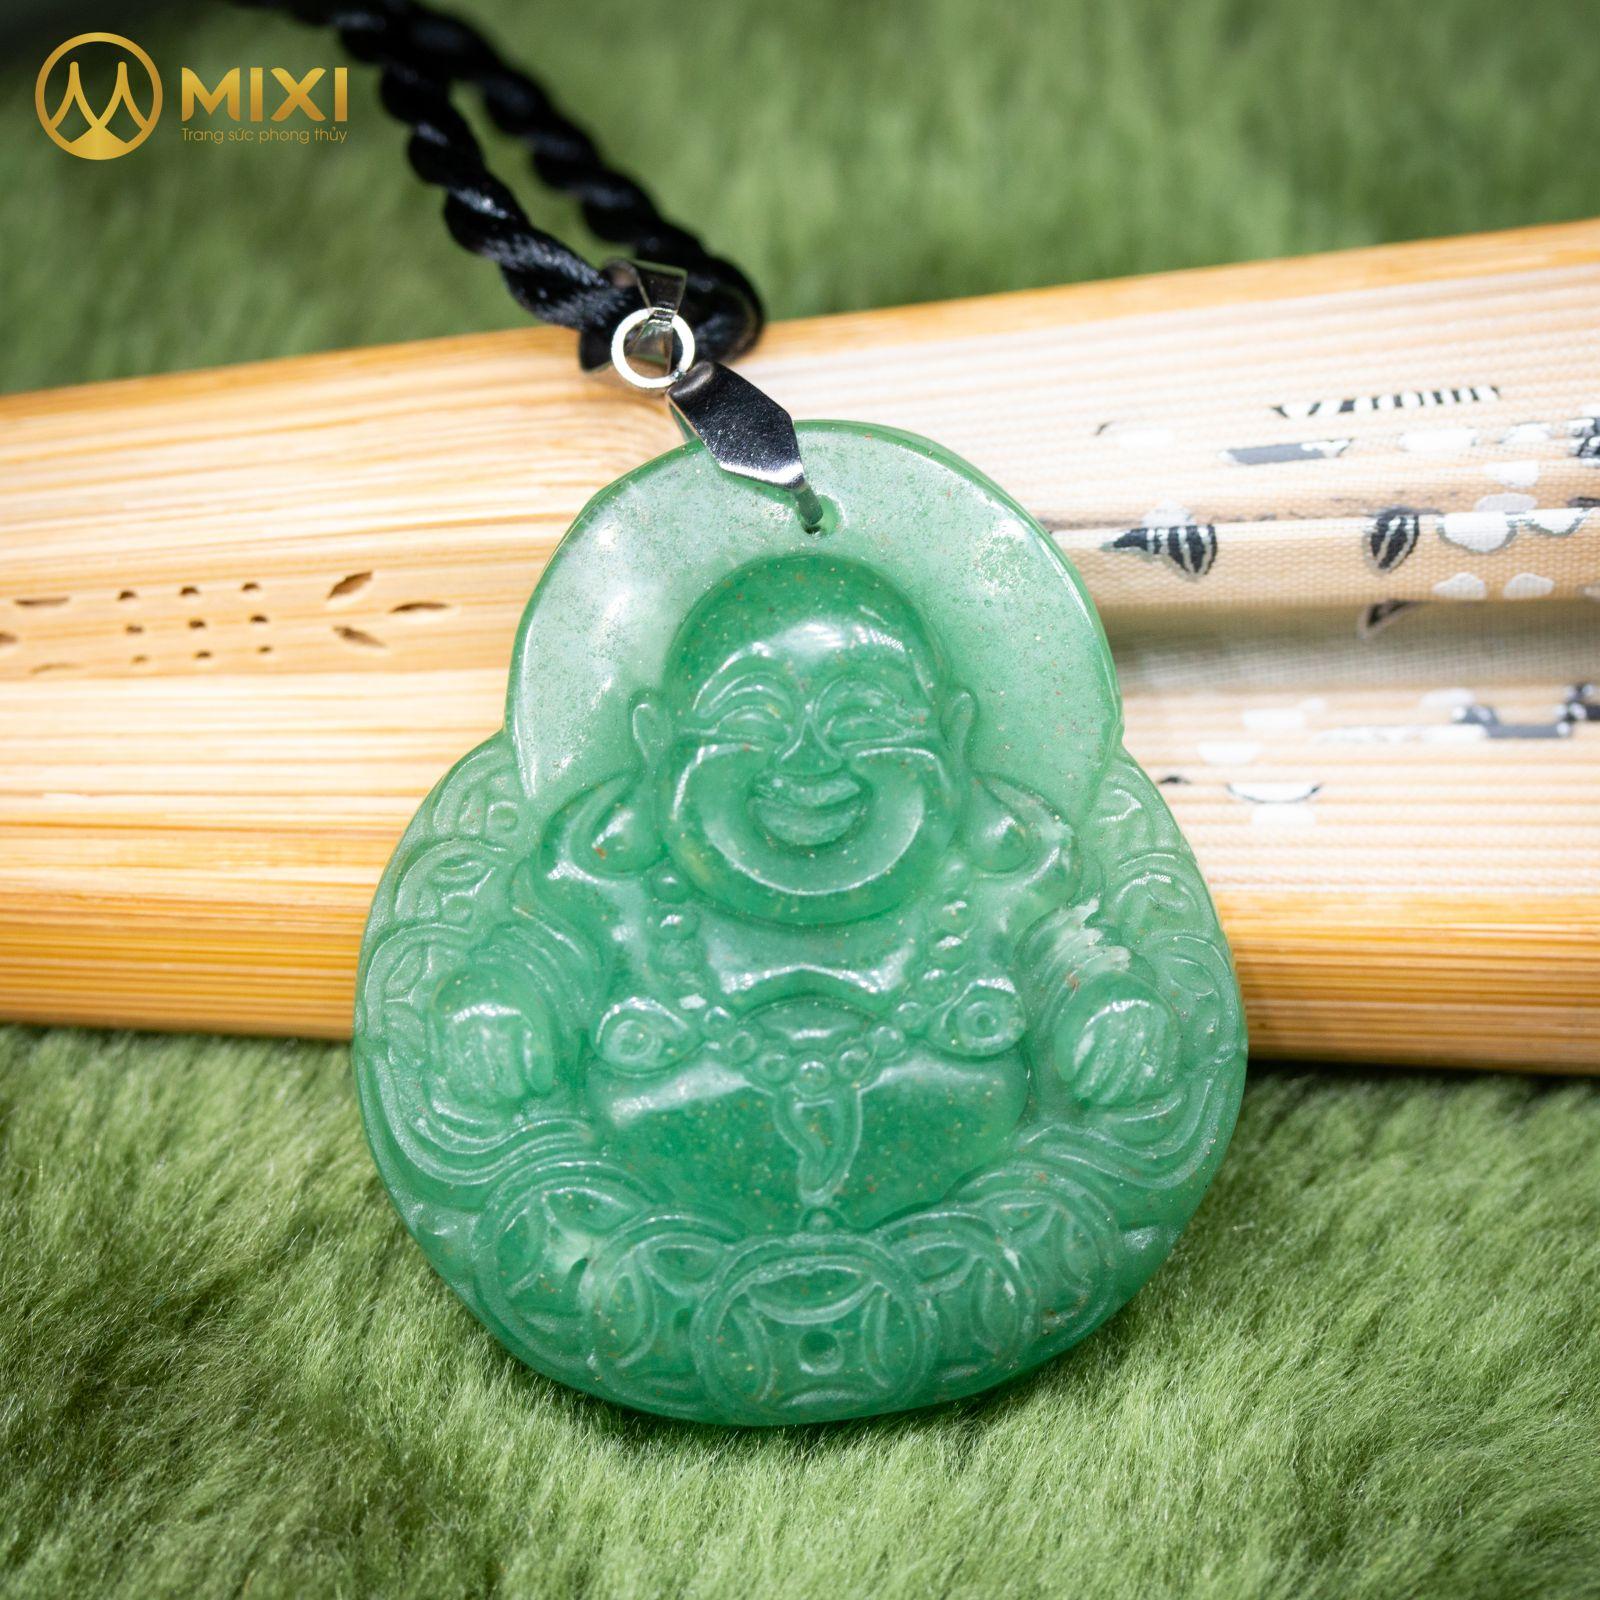 Mặt Dây Phật Di Lặc Thạch Anh Xanh_ToMặt Dây Phật Di Lặc Thạch Anh Xanh_To